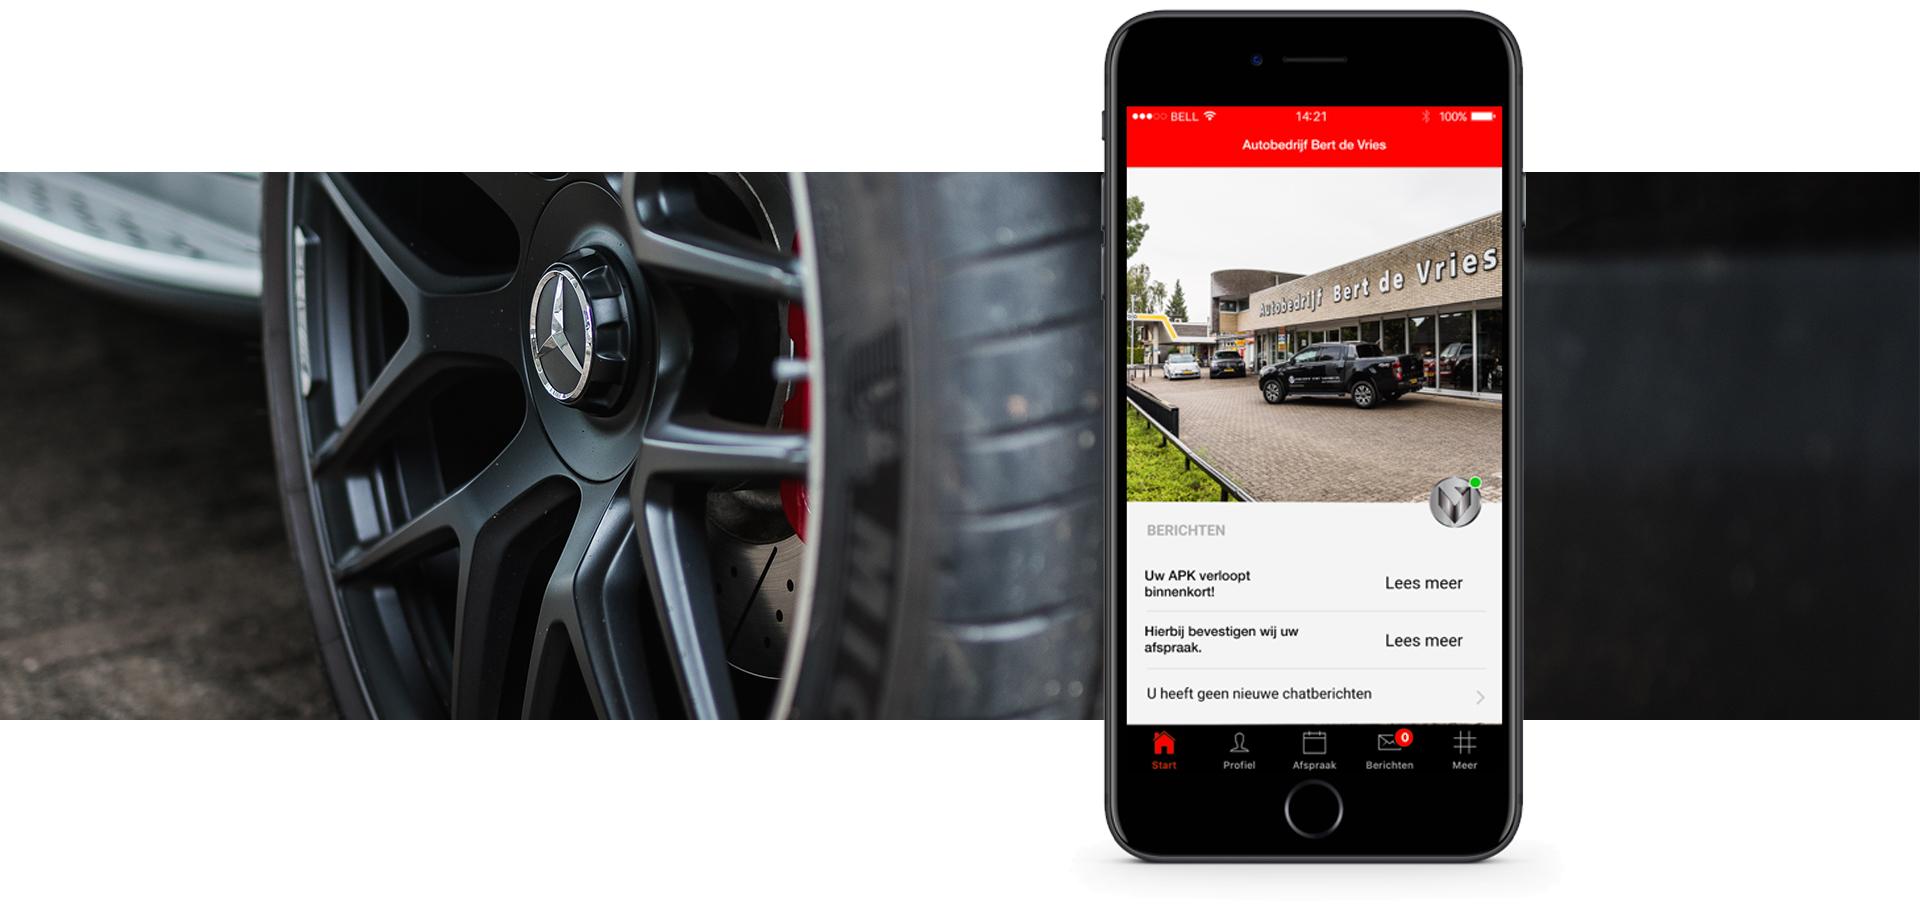 Autobedrijf Bert de Vries app